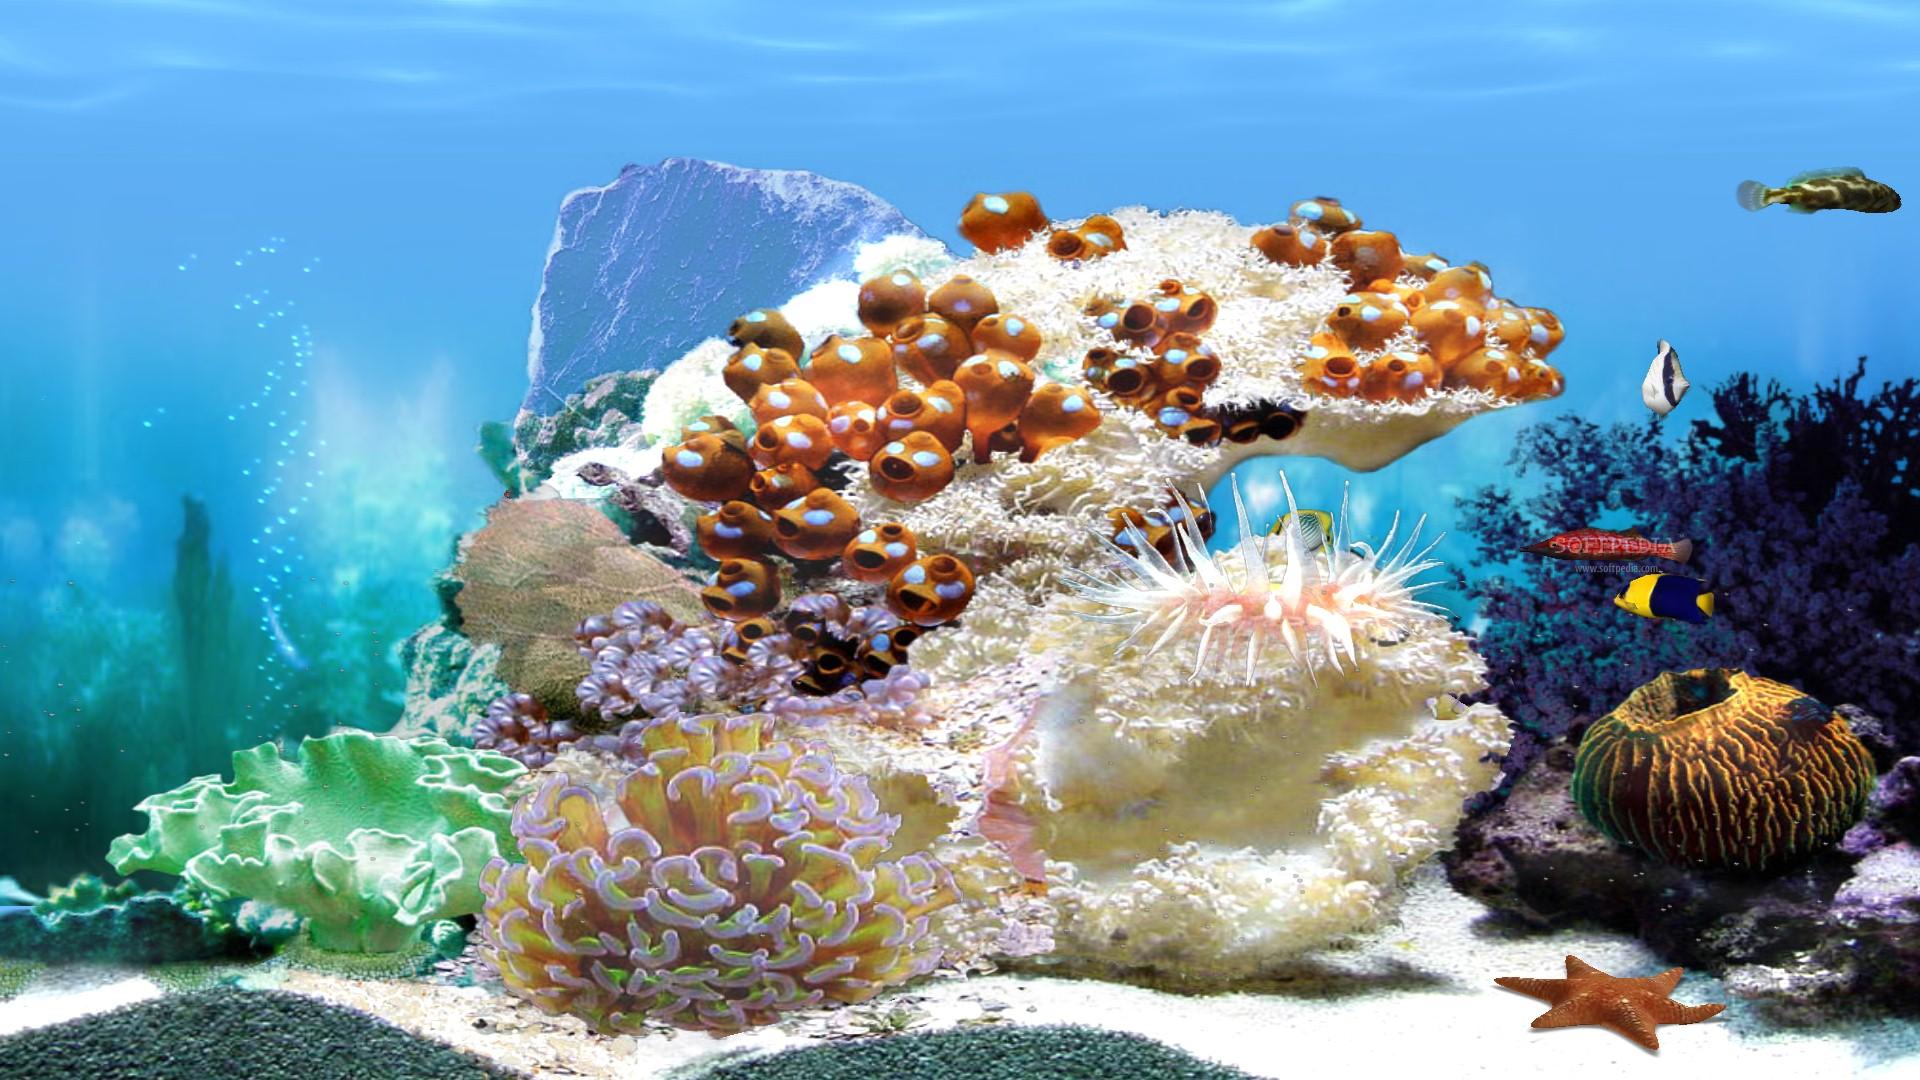 Fish aquarium screensaver for xp - Aquarium Wallpaper 599265